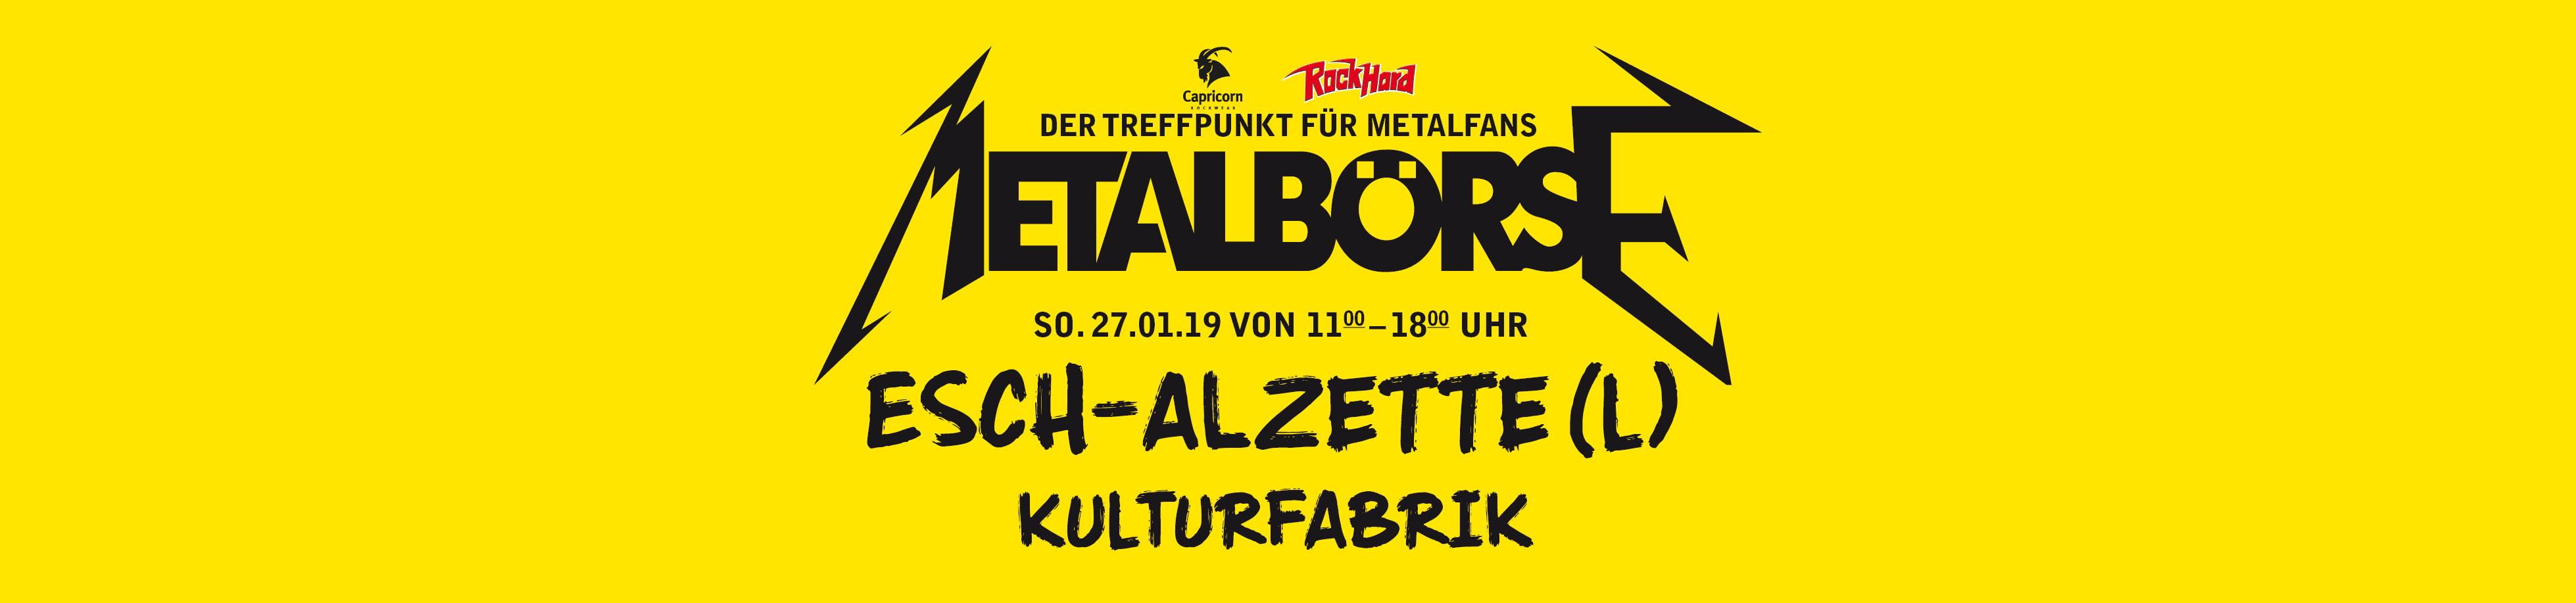 Metalbörse Esch Alzette